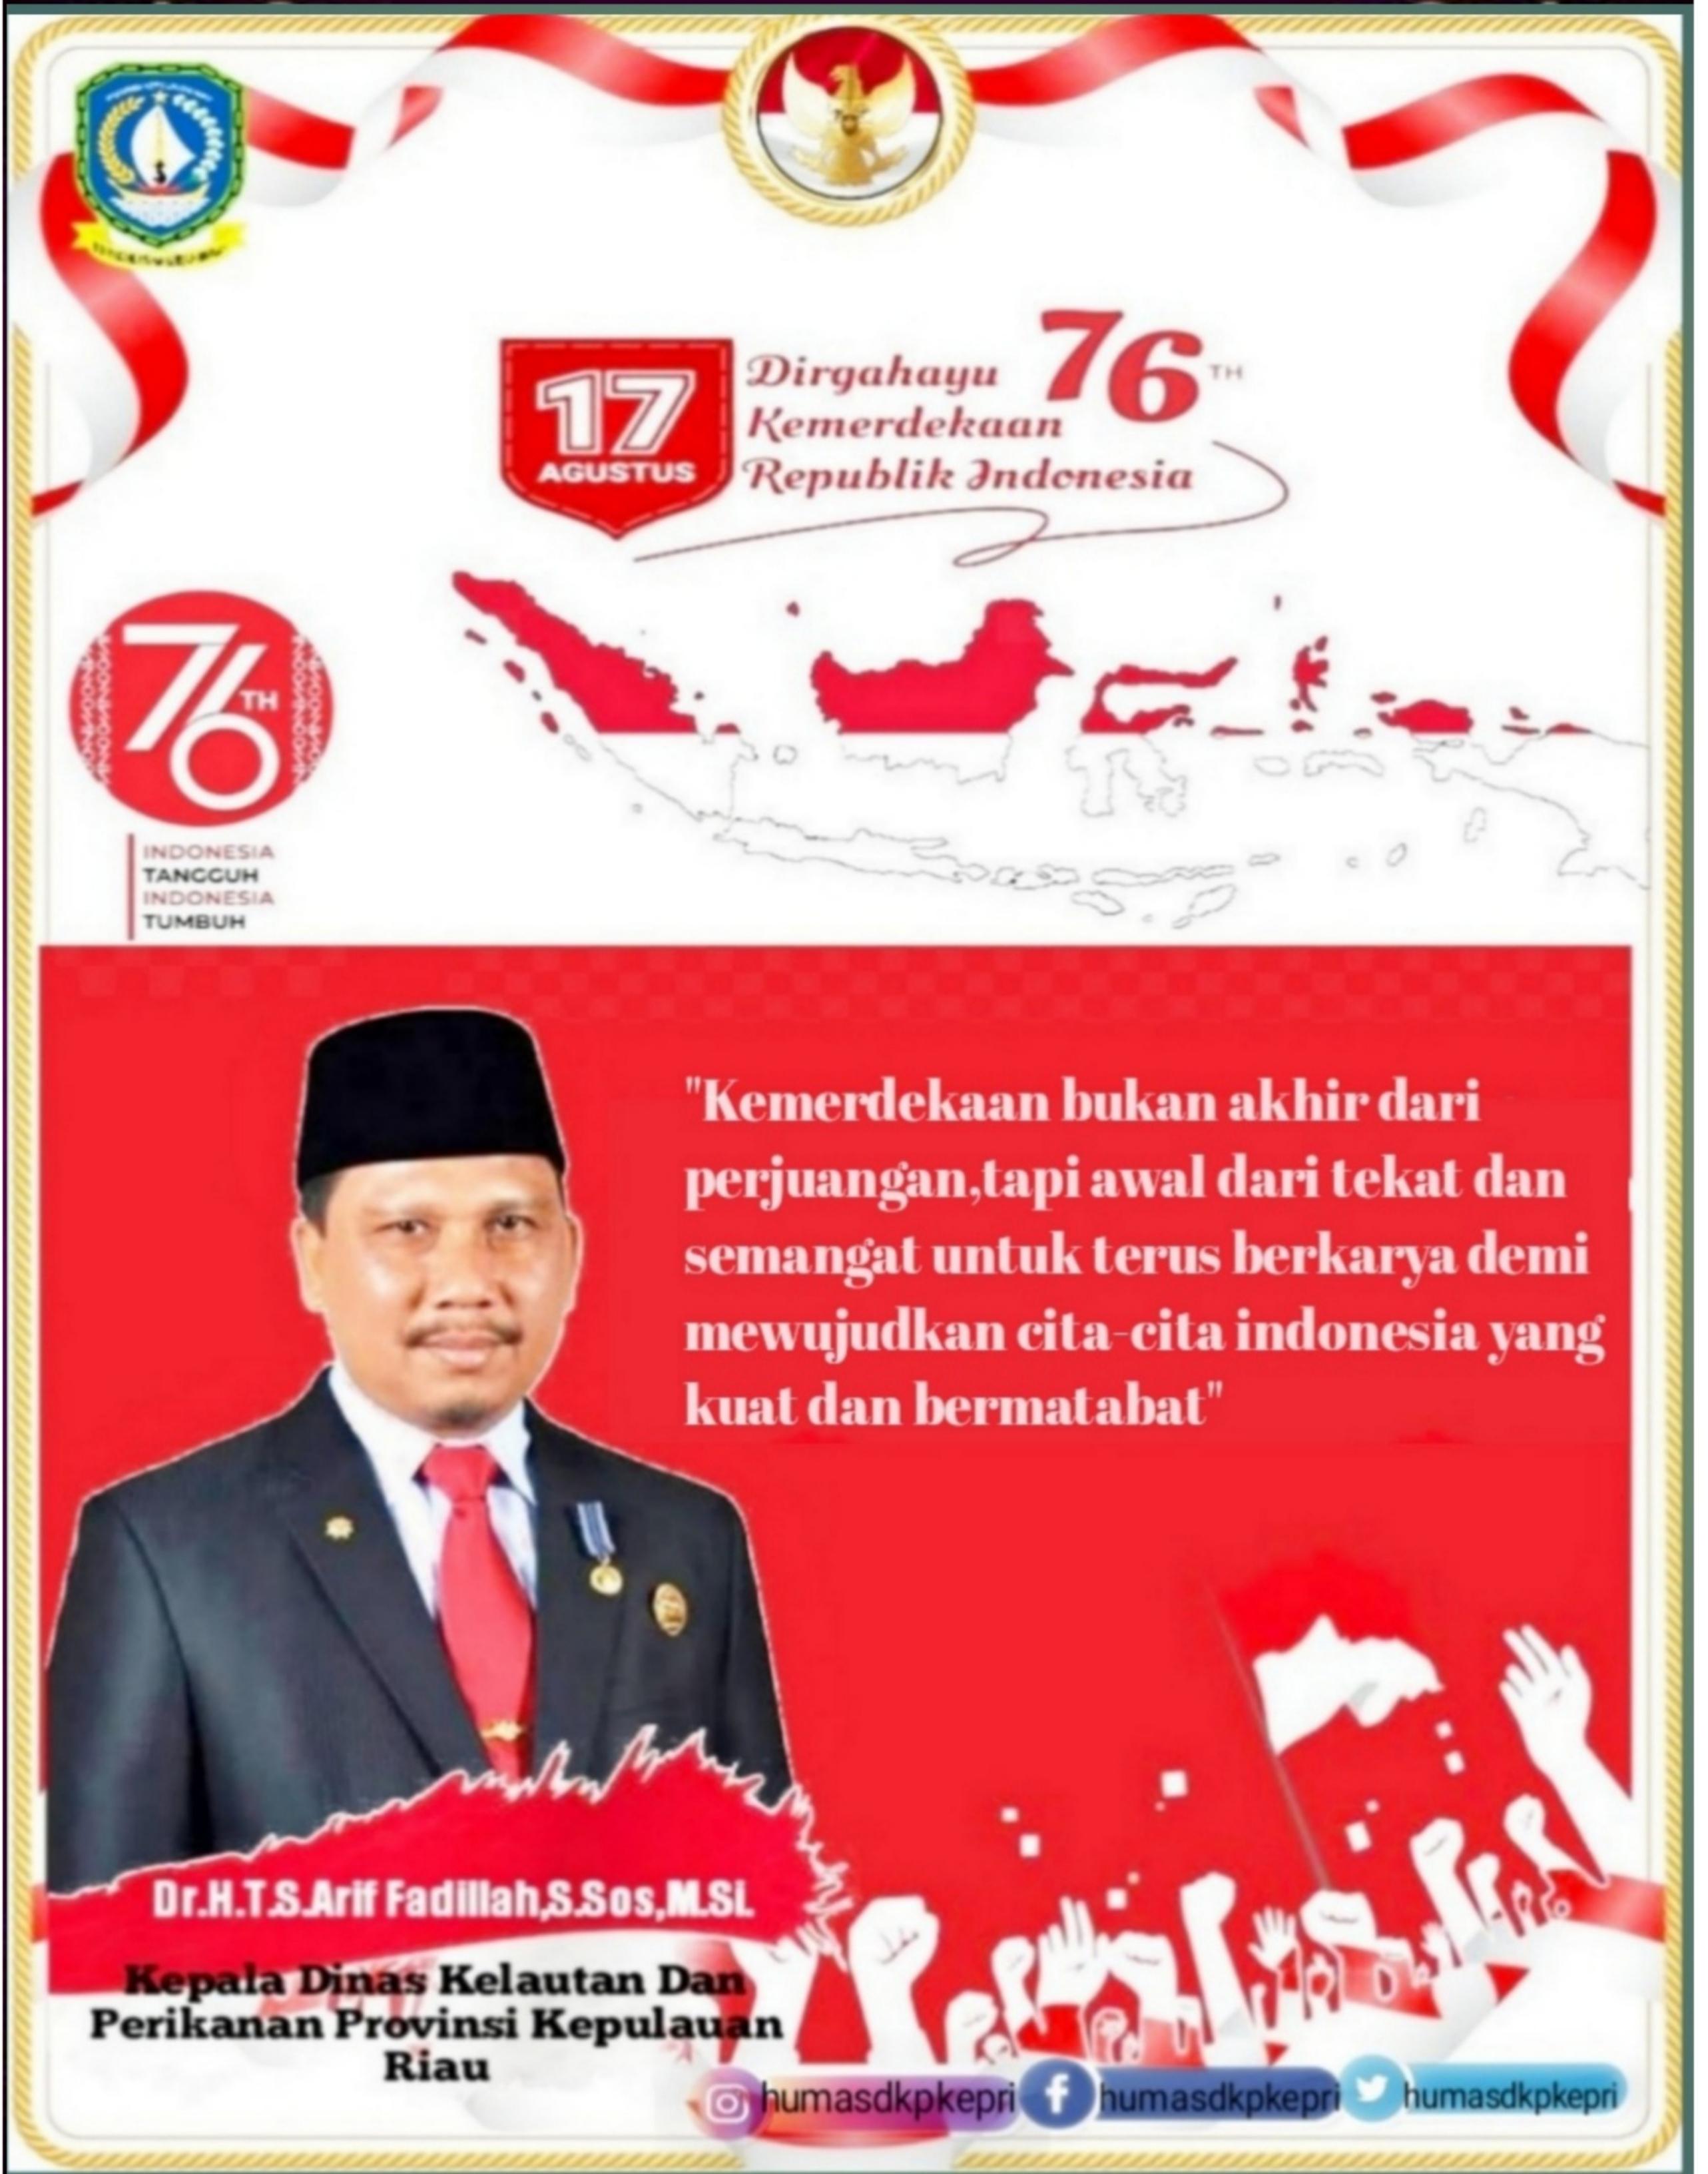 SEMANGAT HARI KEMERDEKAAN REPUBLIK INDONESIA